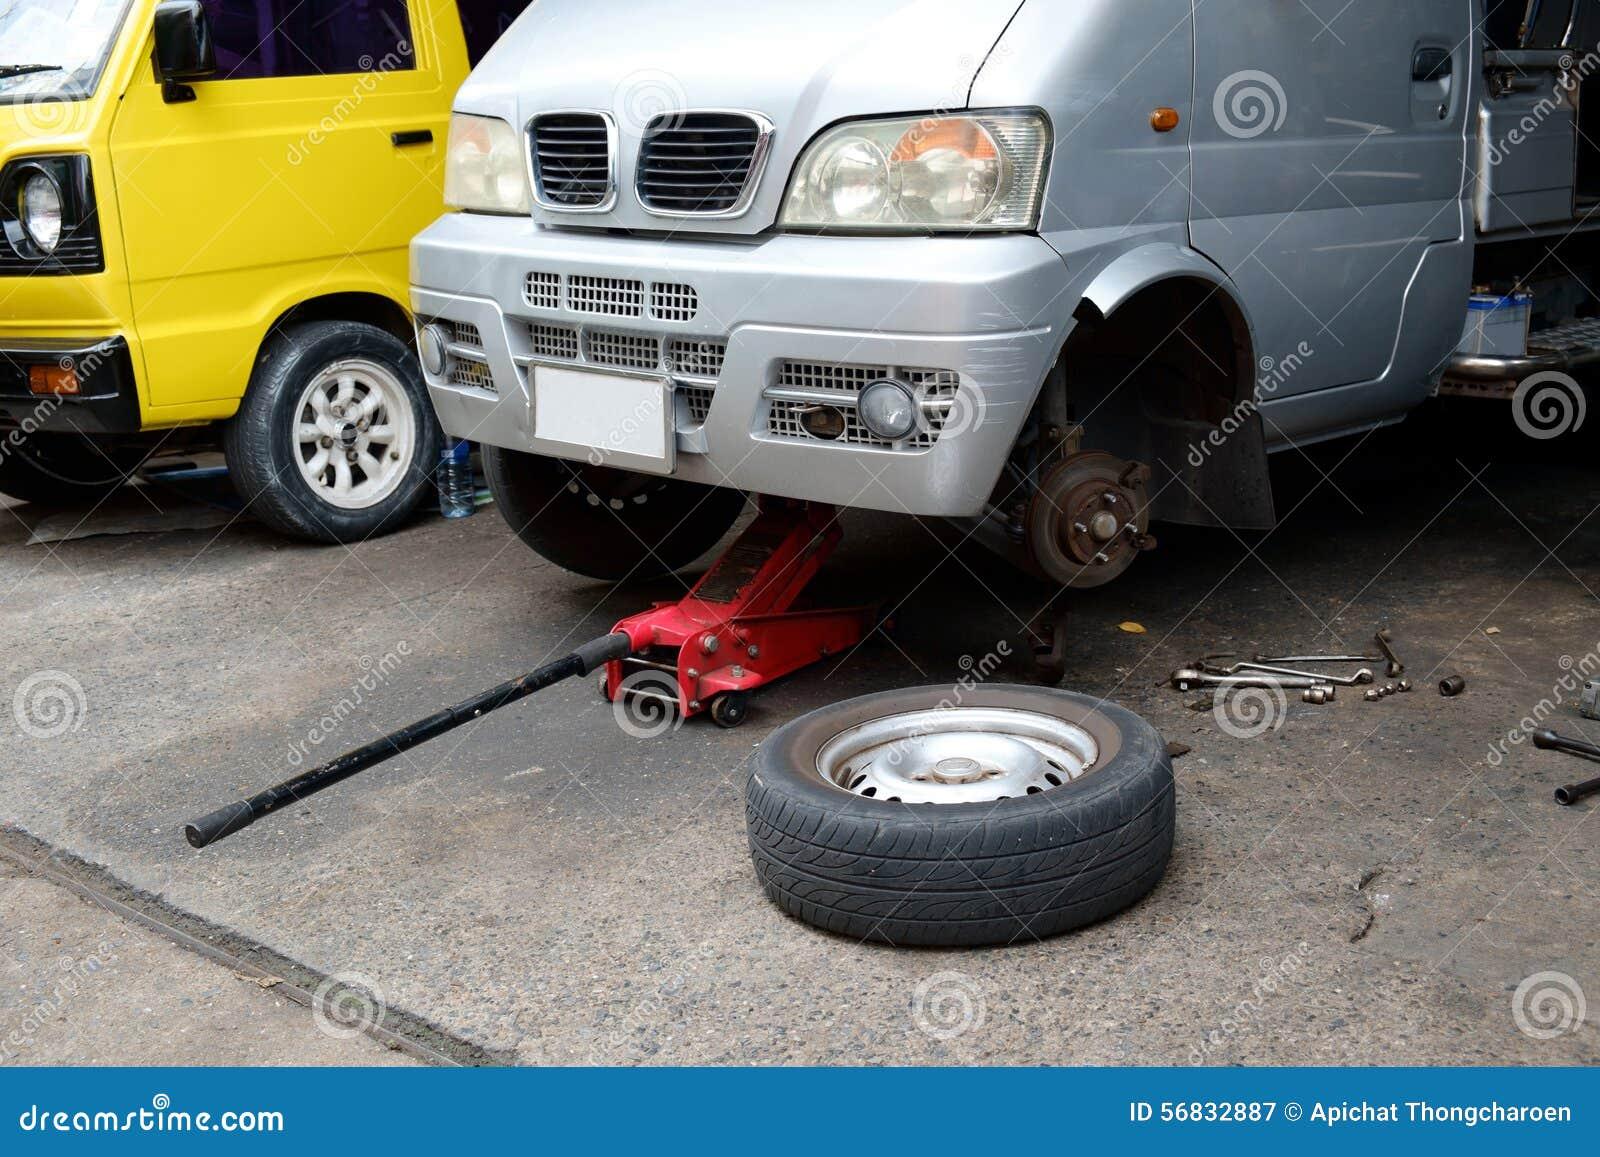 Το αυτοκίνητο και η επισκευή εργαλείων